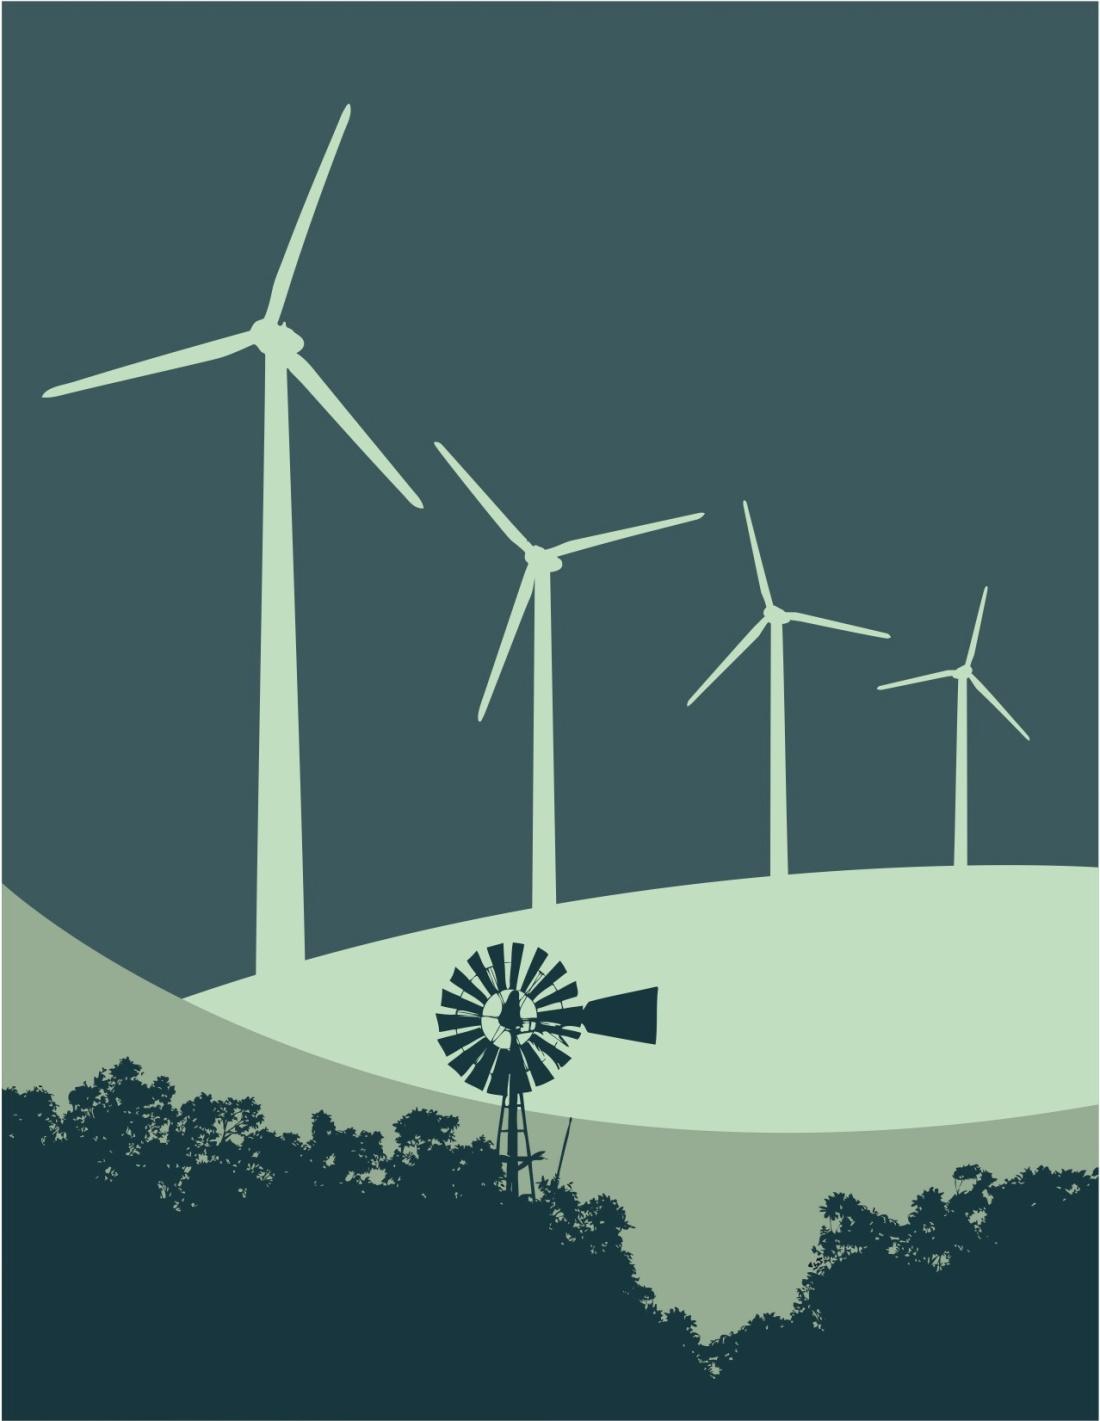 Nuevo parque de energía eólica para Naguabo